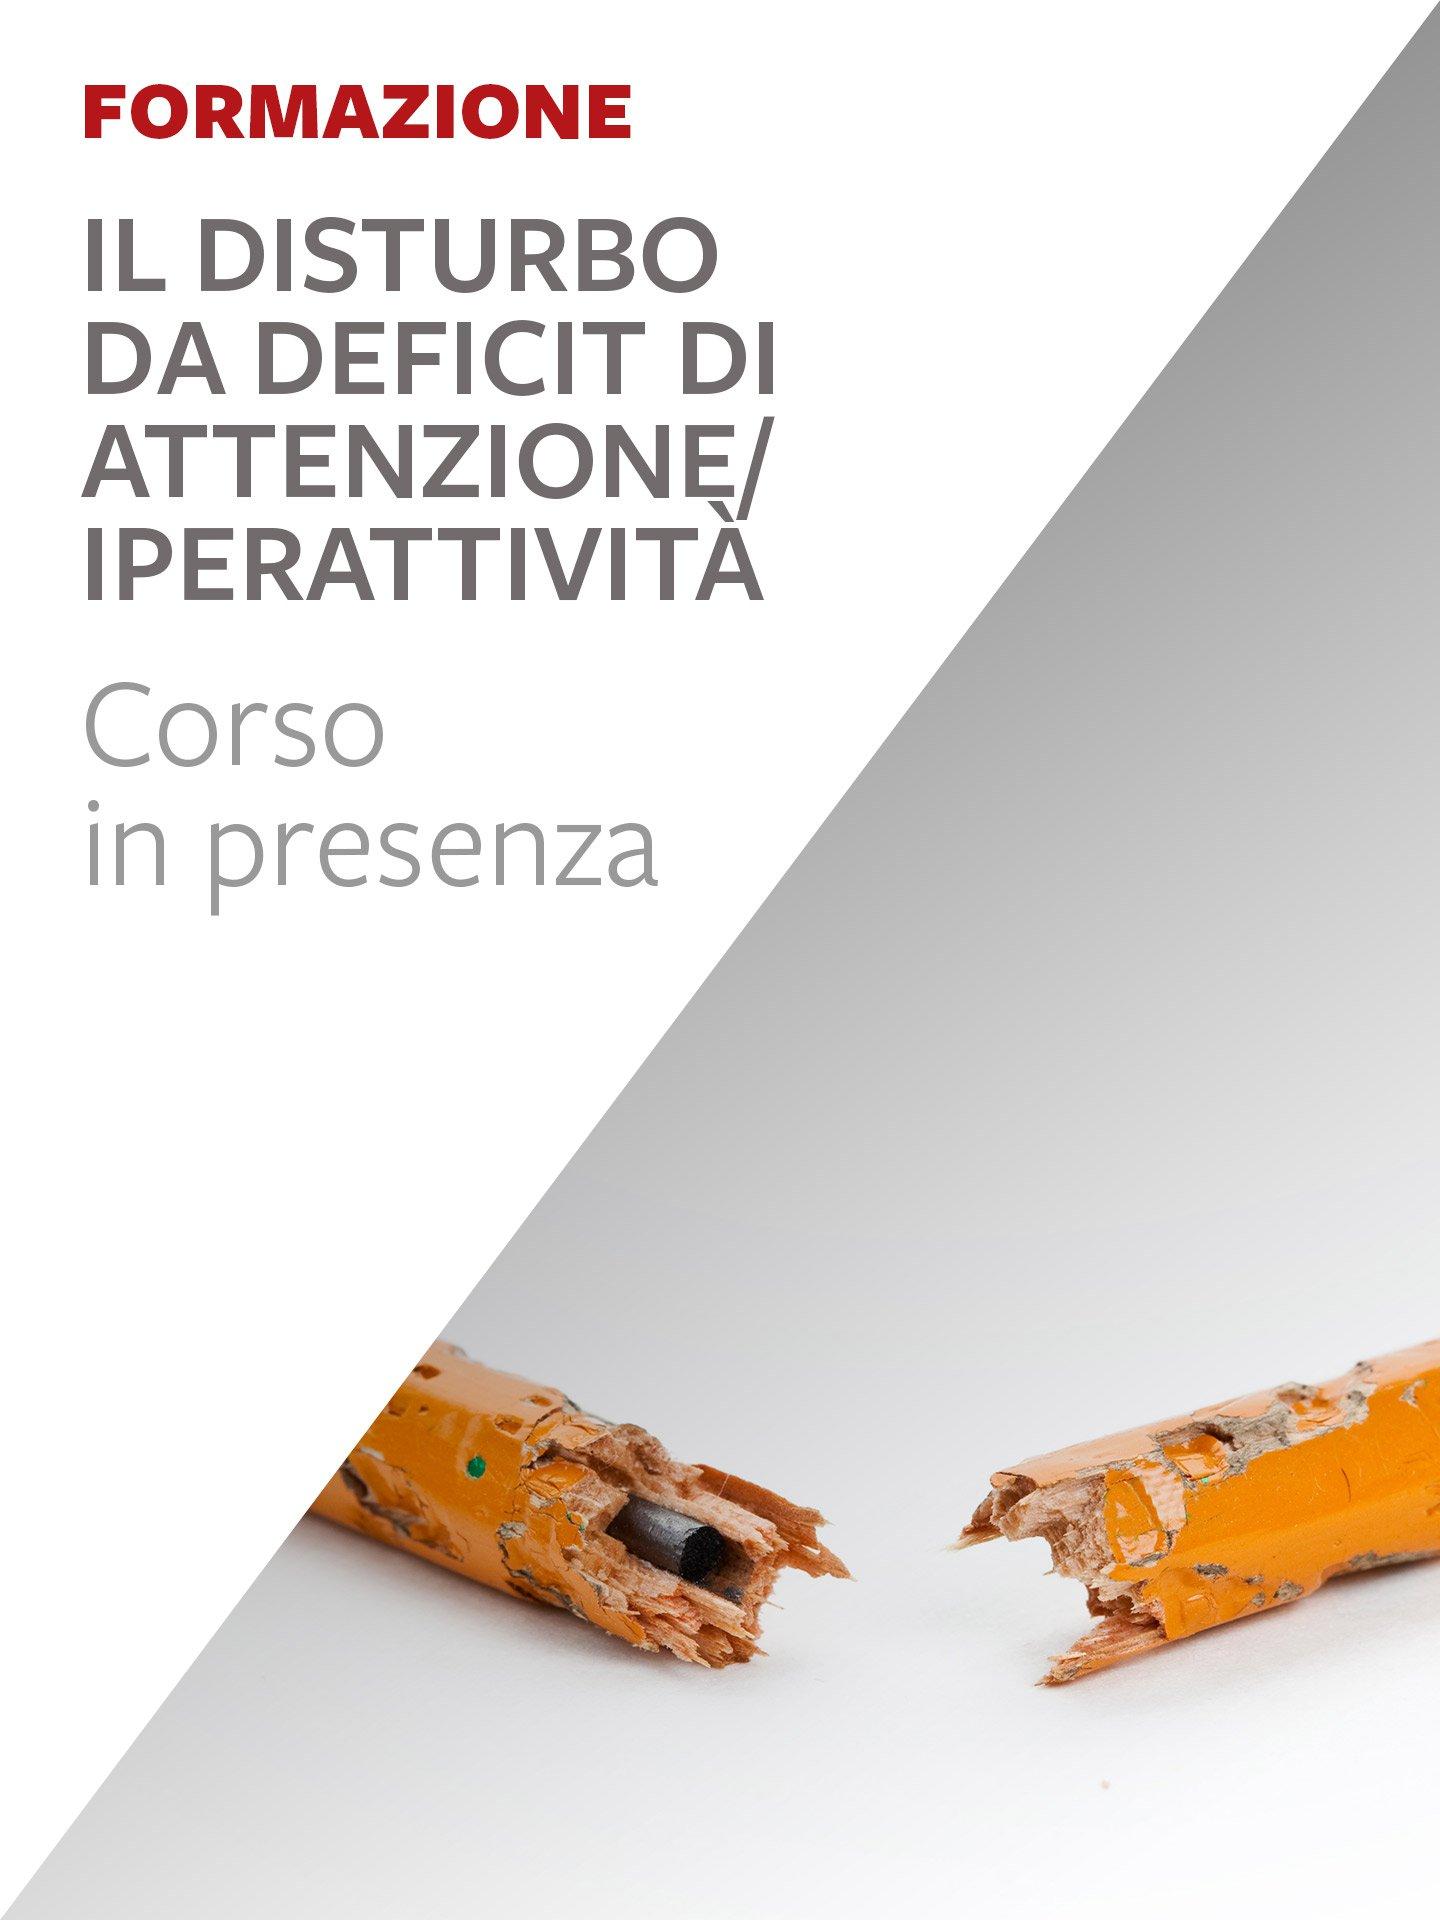 Il Disturbo da Deficit di Attenzione/Iperattività - Erickson: libri e formazione per didattica, psicologia e sociale